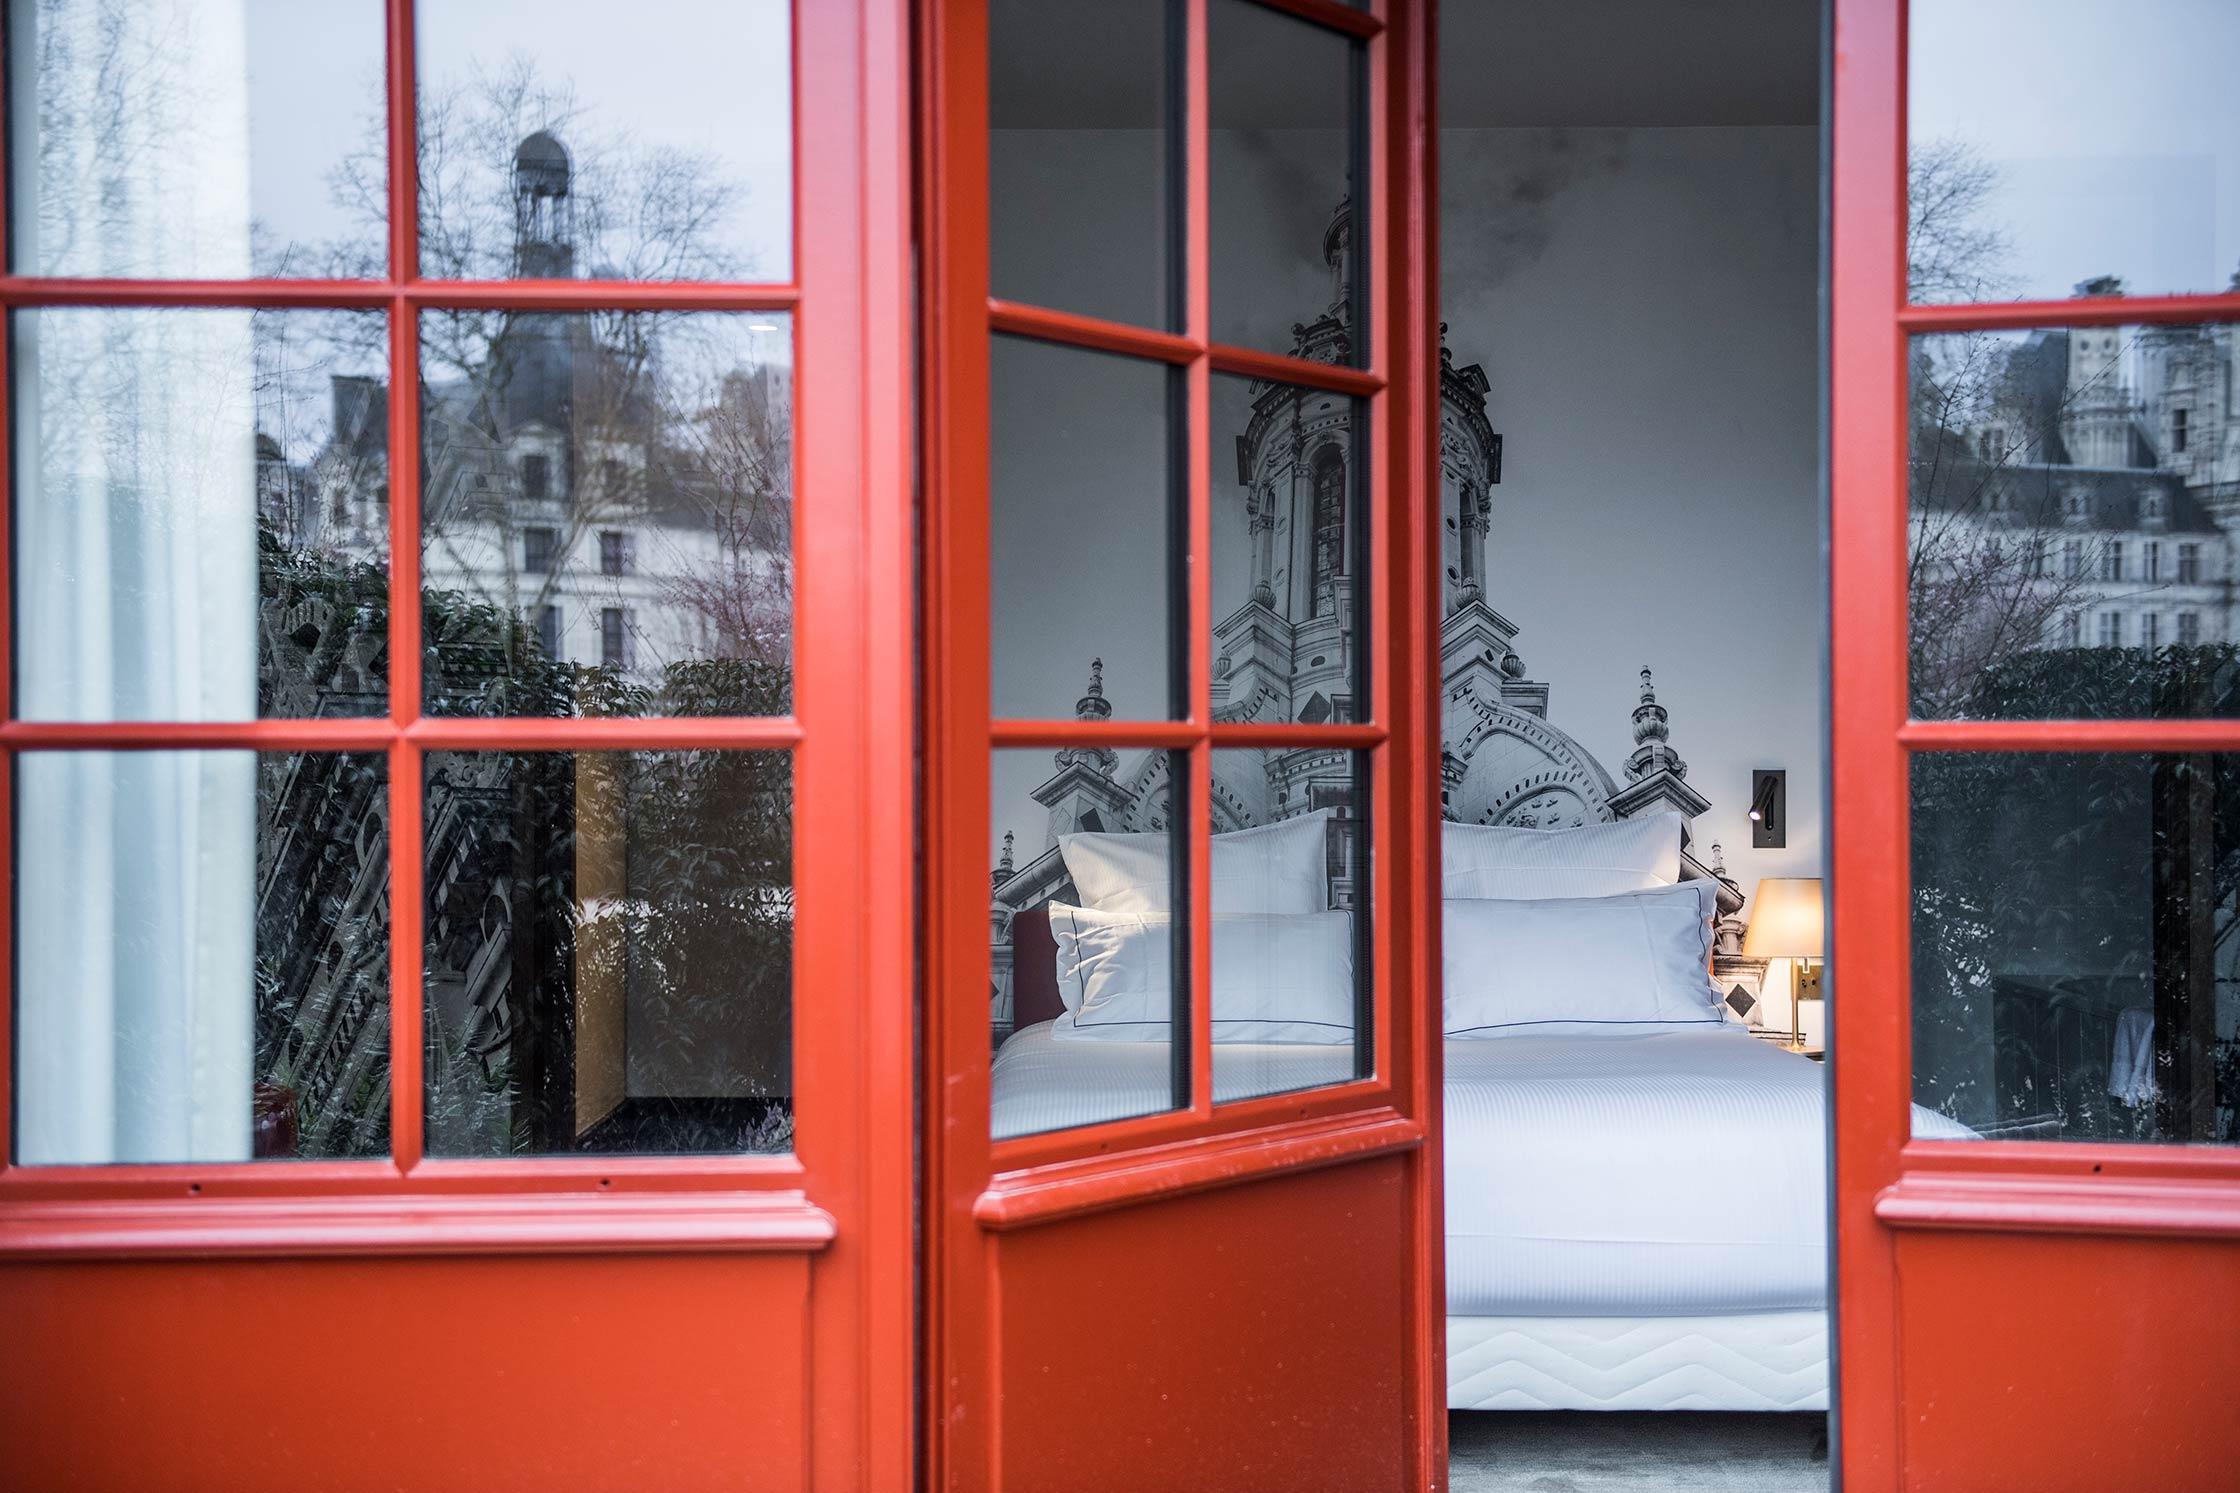 Chambre deluxe Chambord - Offre long séjour